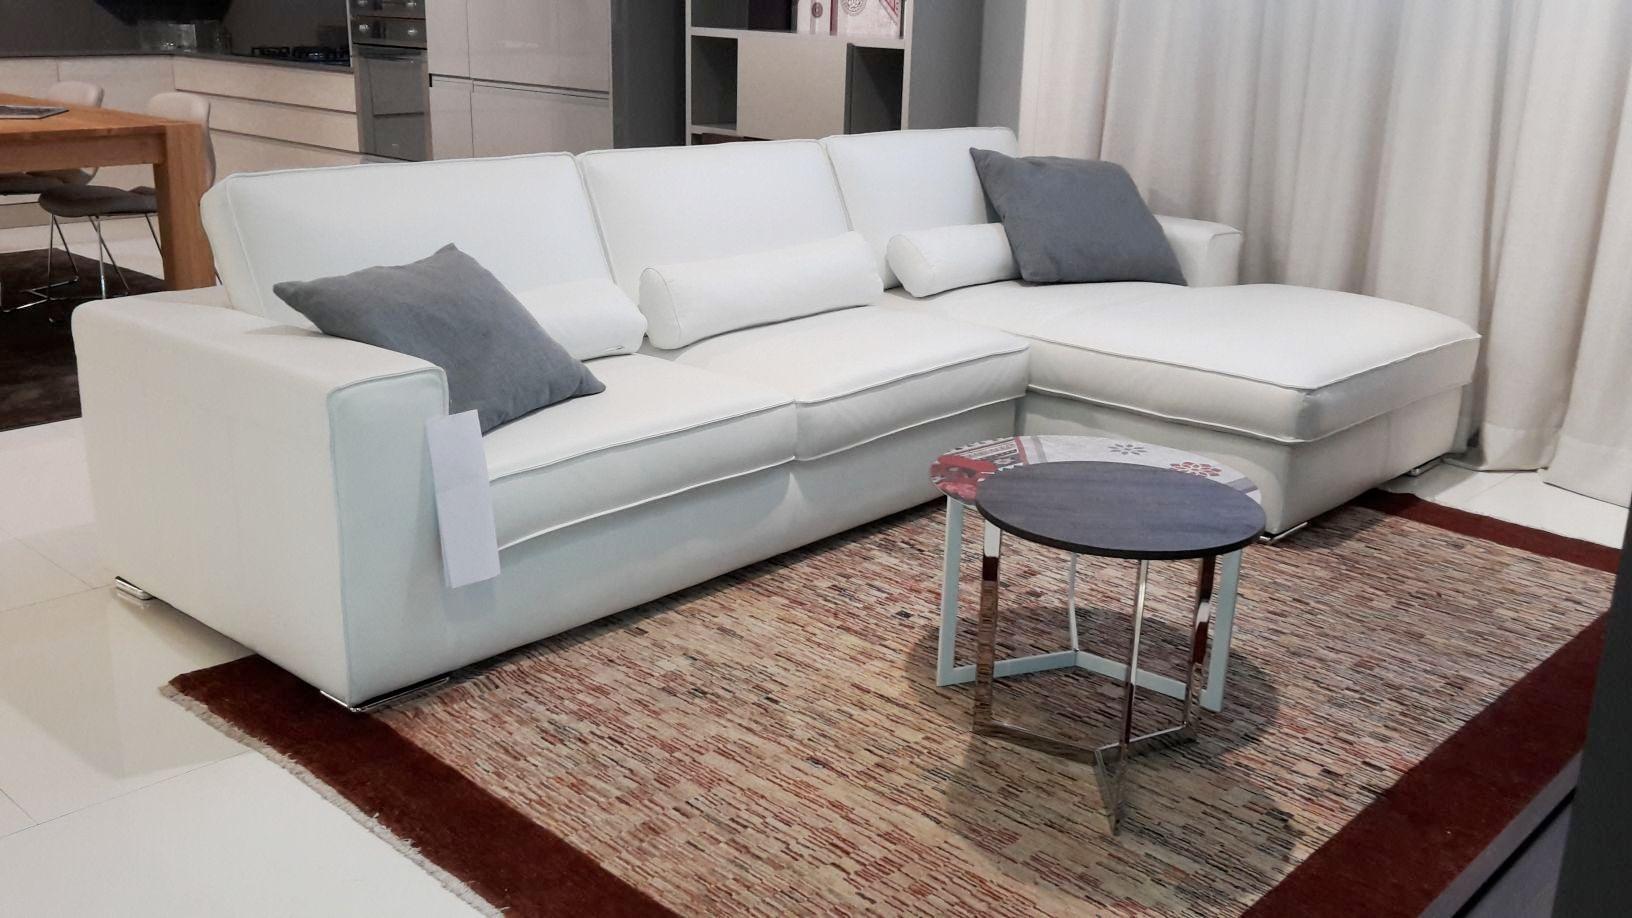 divano rin con penisola in pelle bianca divani a prezzi